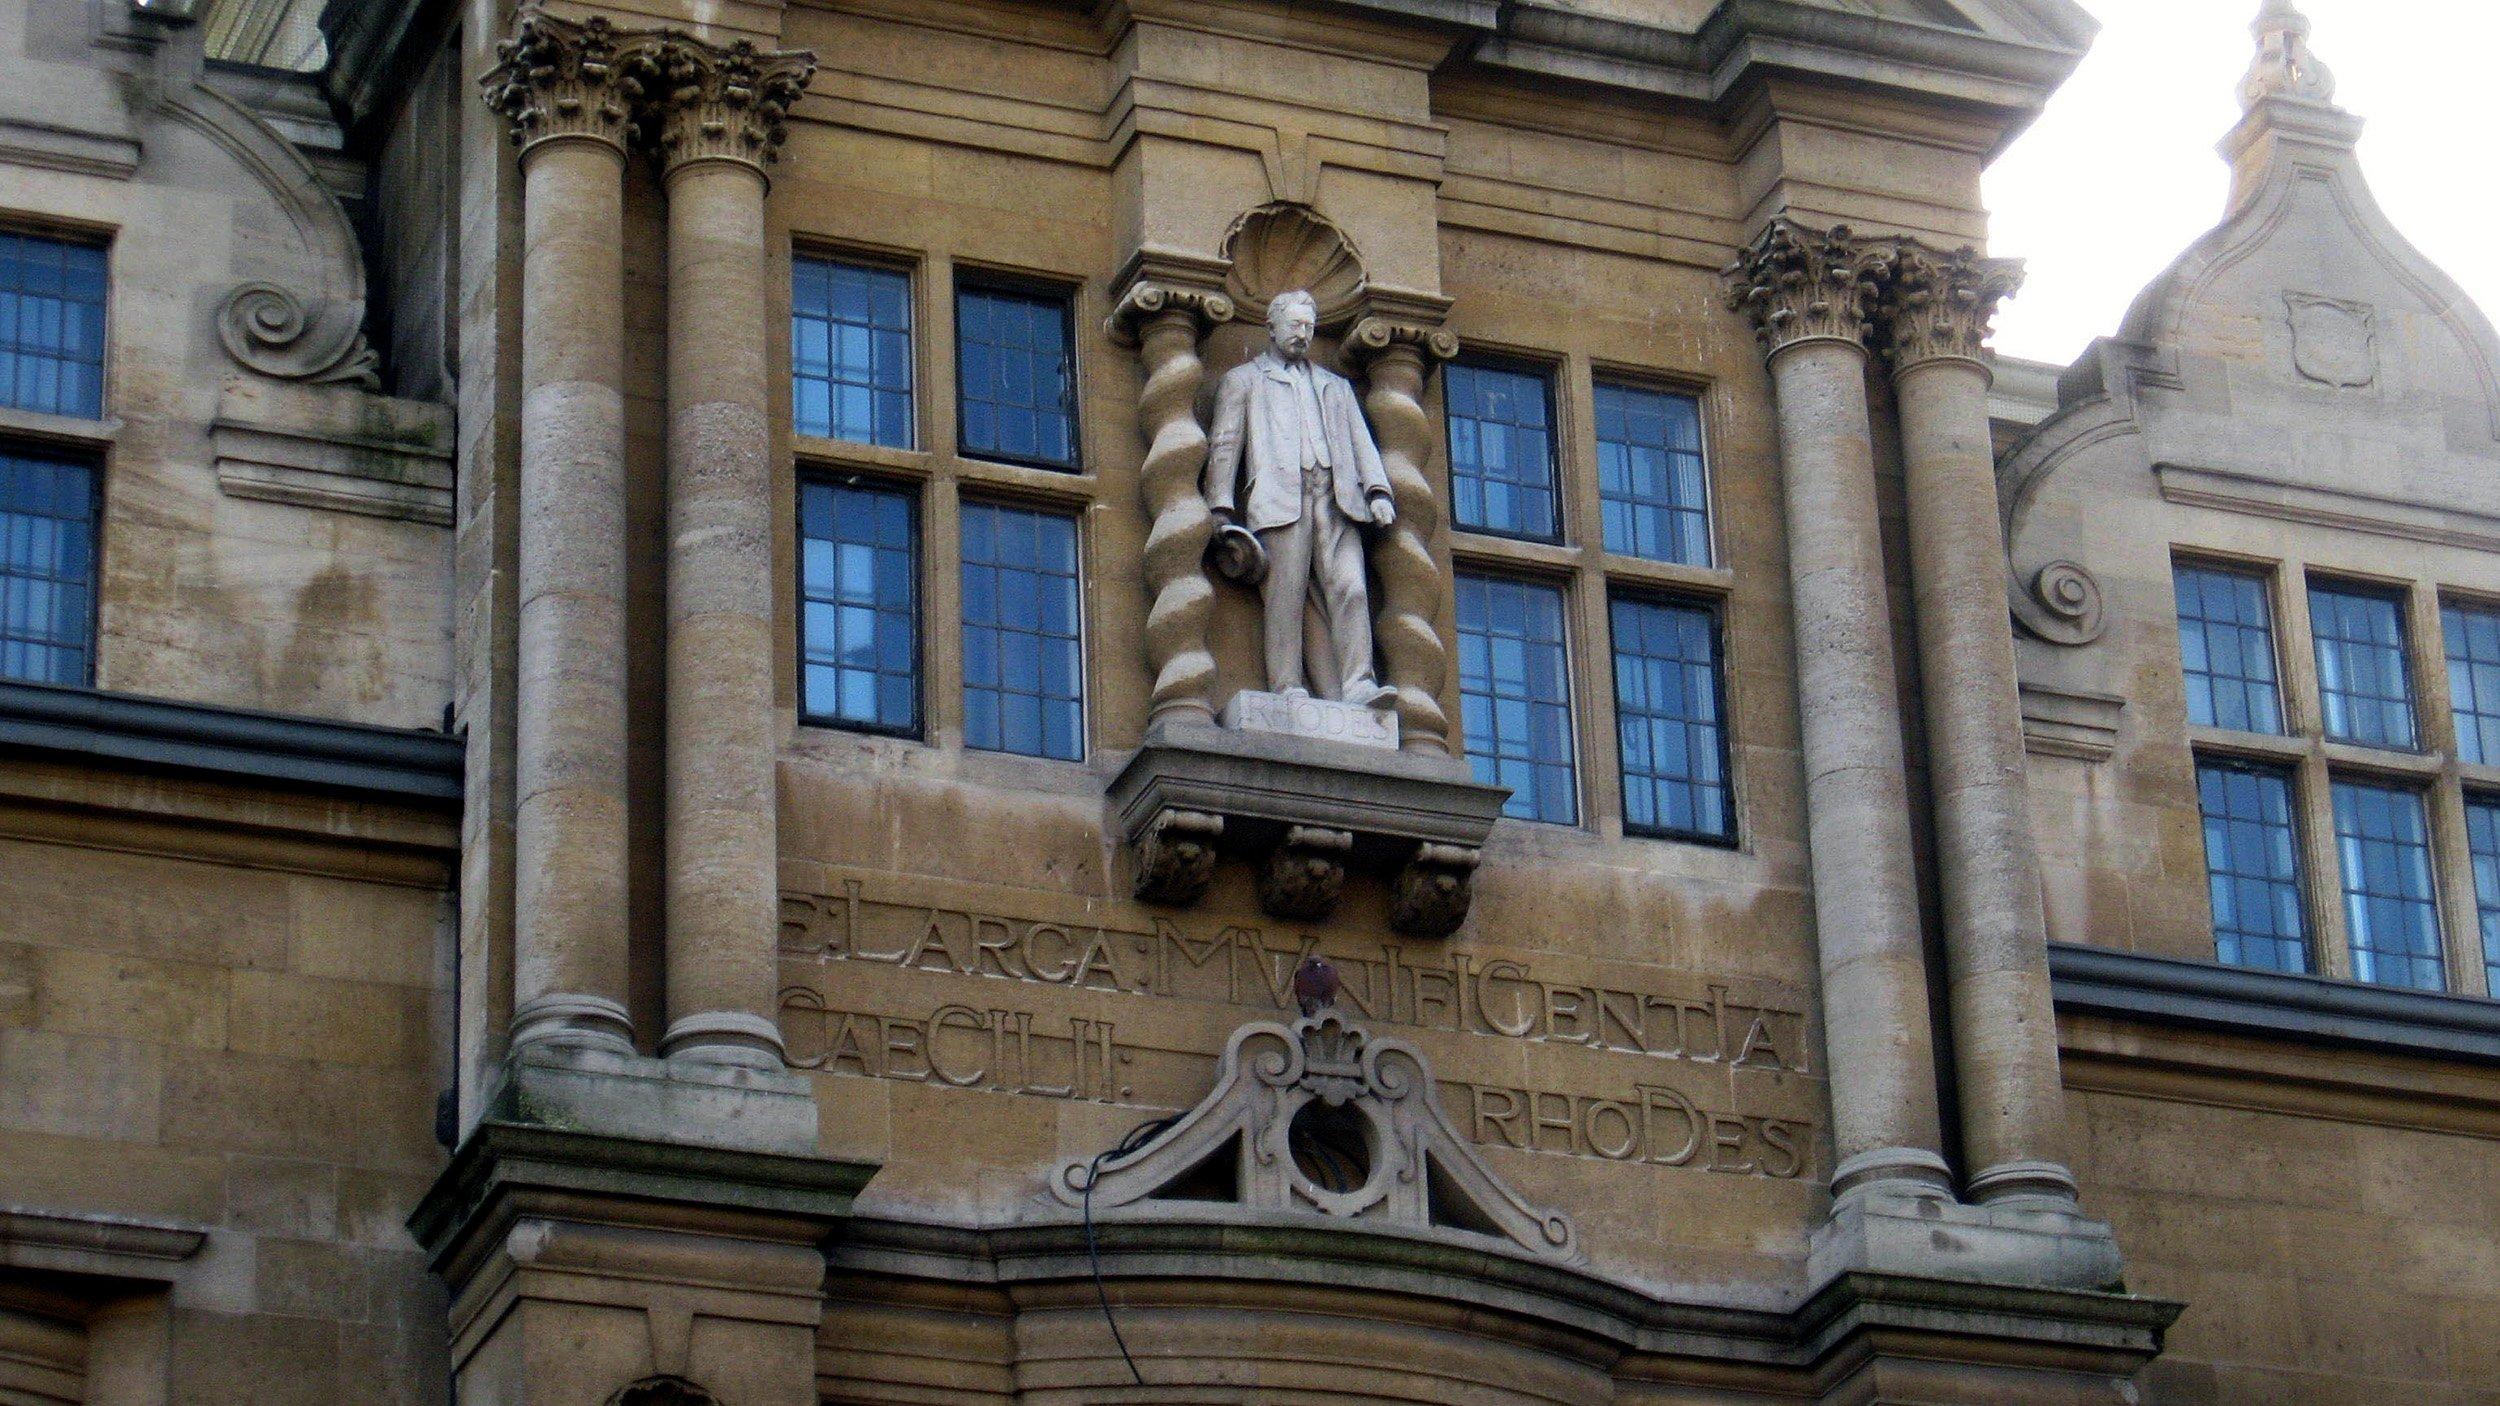 Rhodes statue in Oxford